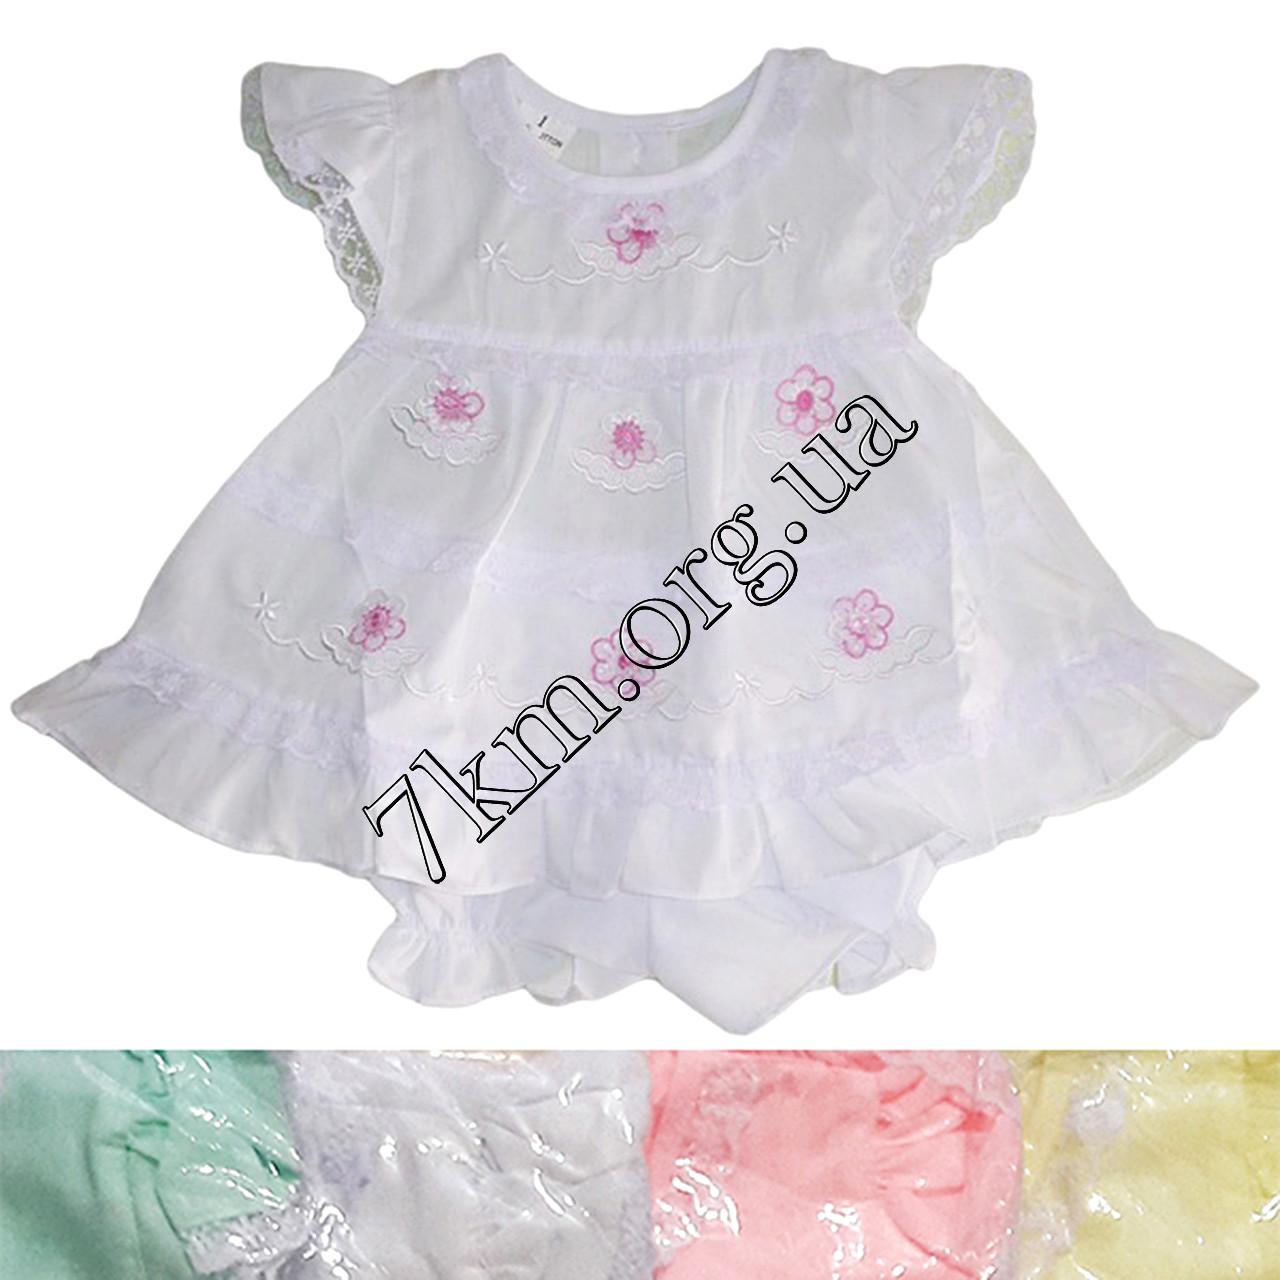 Платье с трусиками батист розовое 6-18 месяцев Оптом 020507